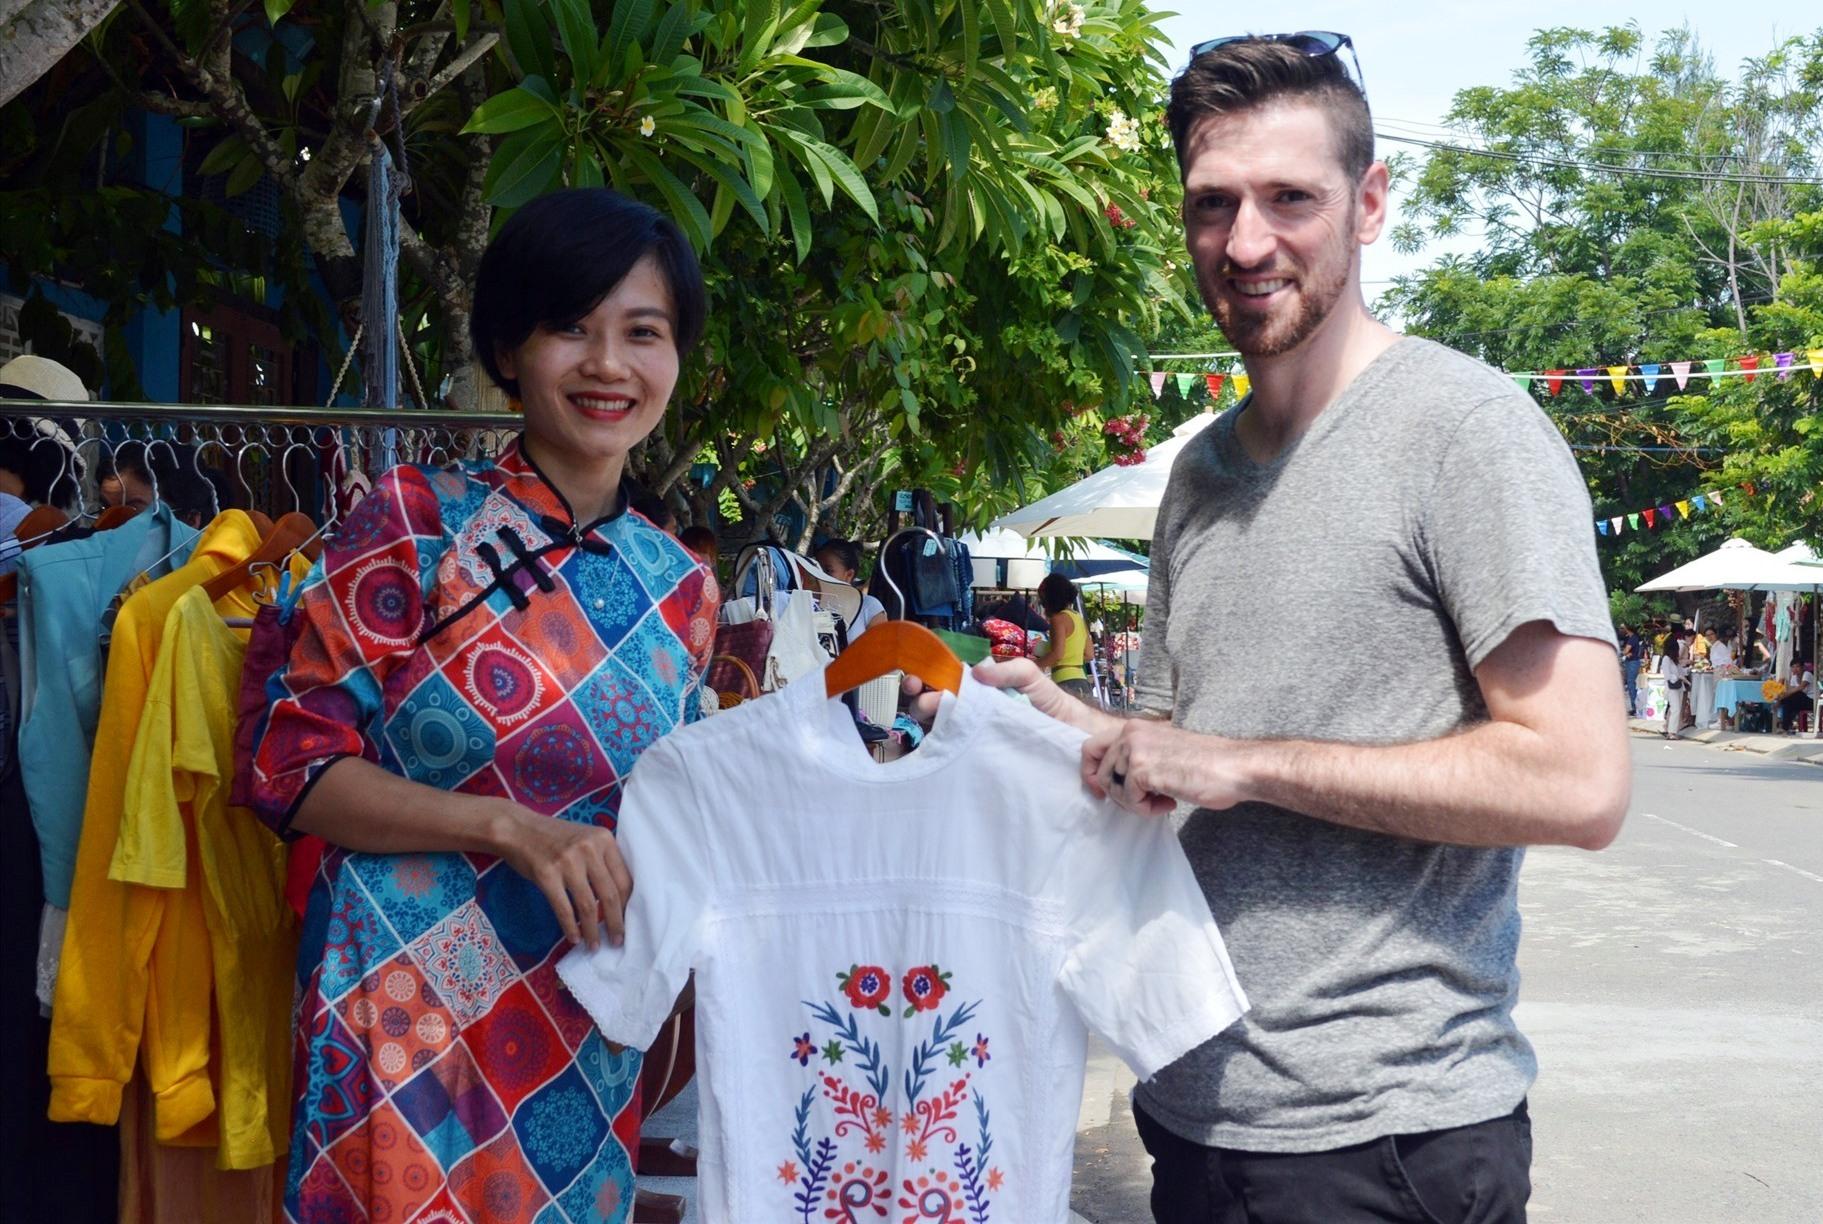 Một du khách thích thú khi chọn mua được chiếc áo ưa thích